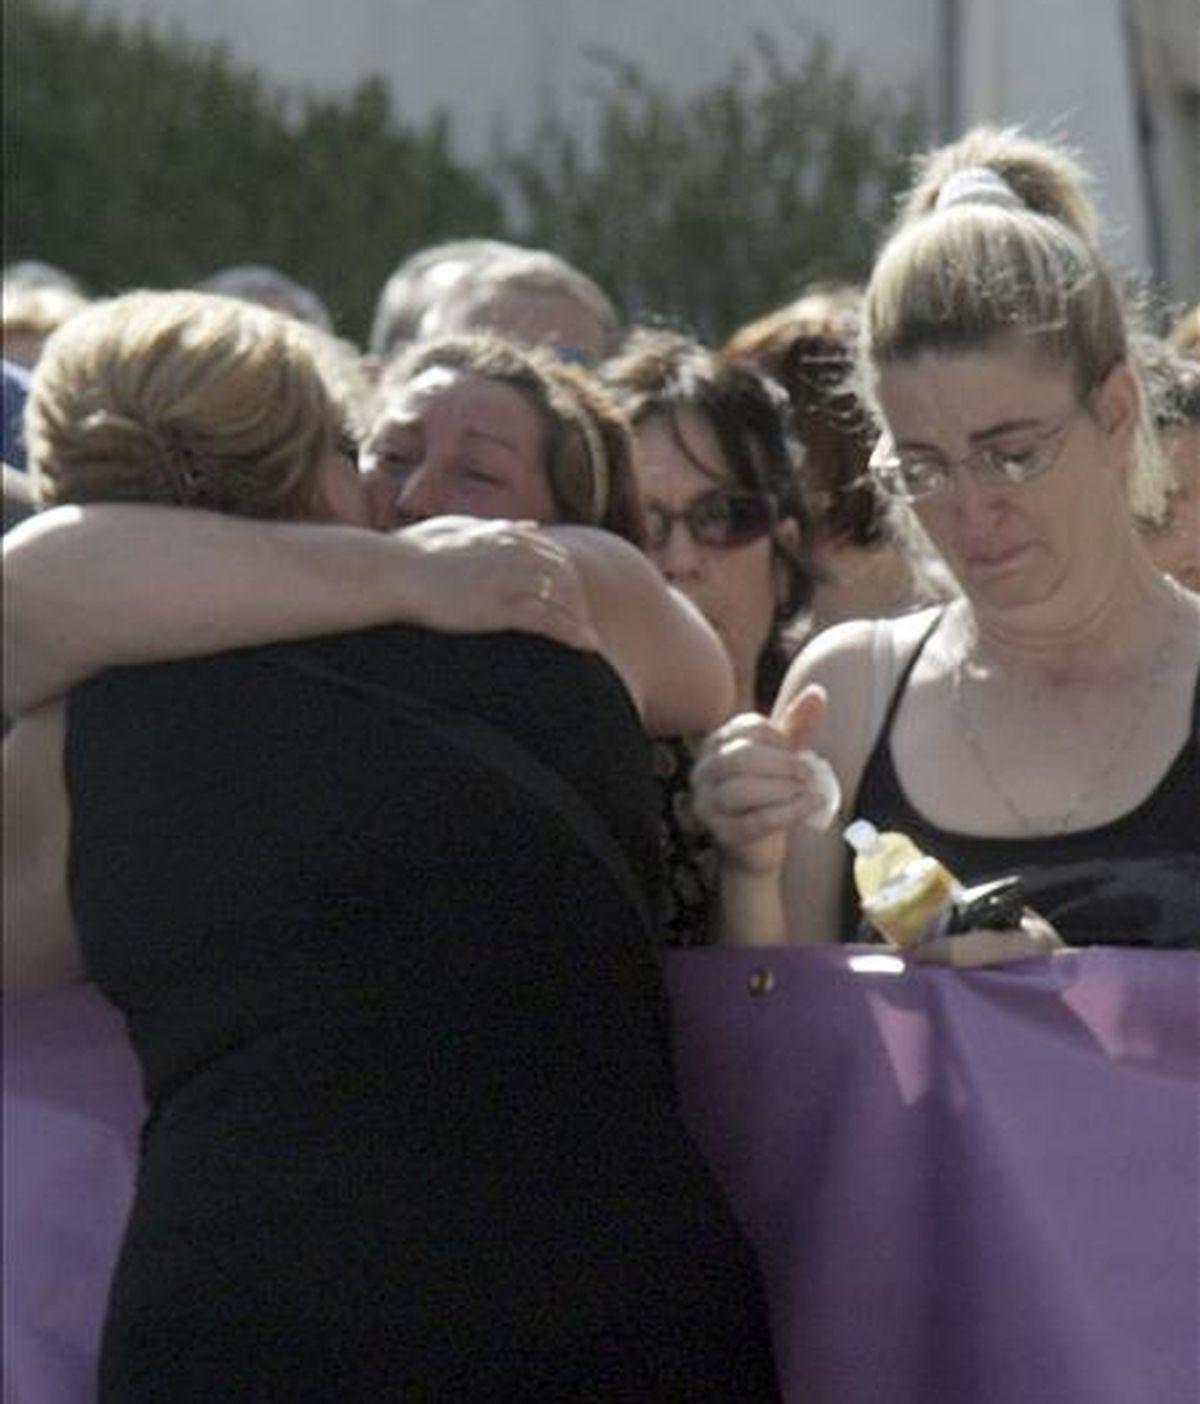 Un familiar de la mujer que murió en la localidad granadina de Pinos Puente. EFE/Archivo